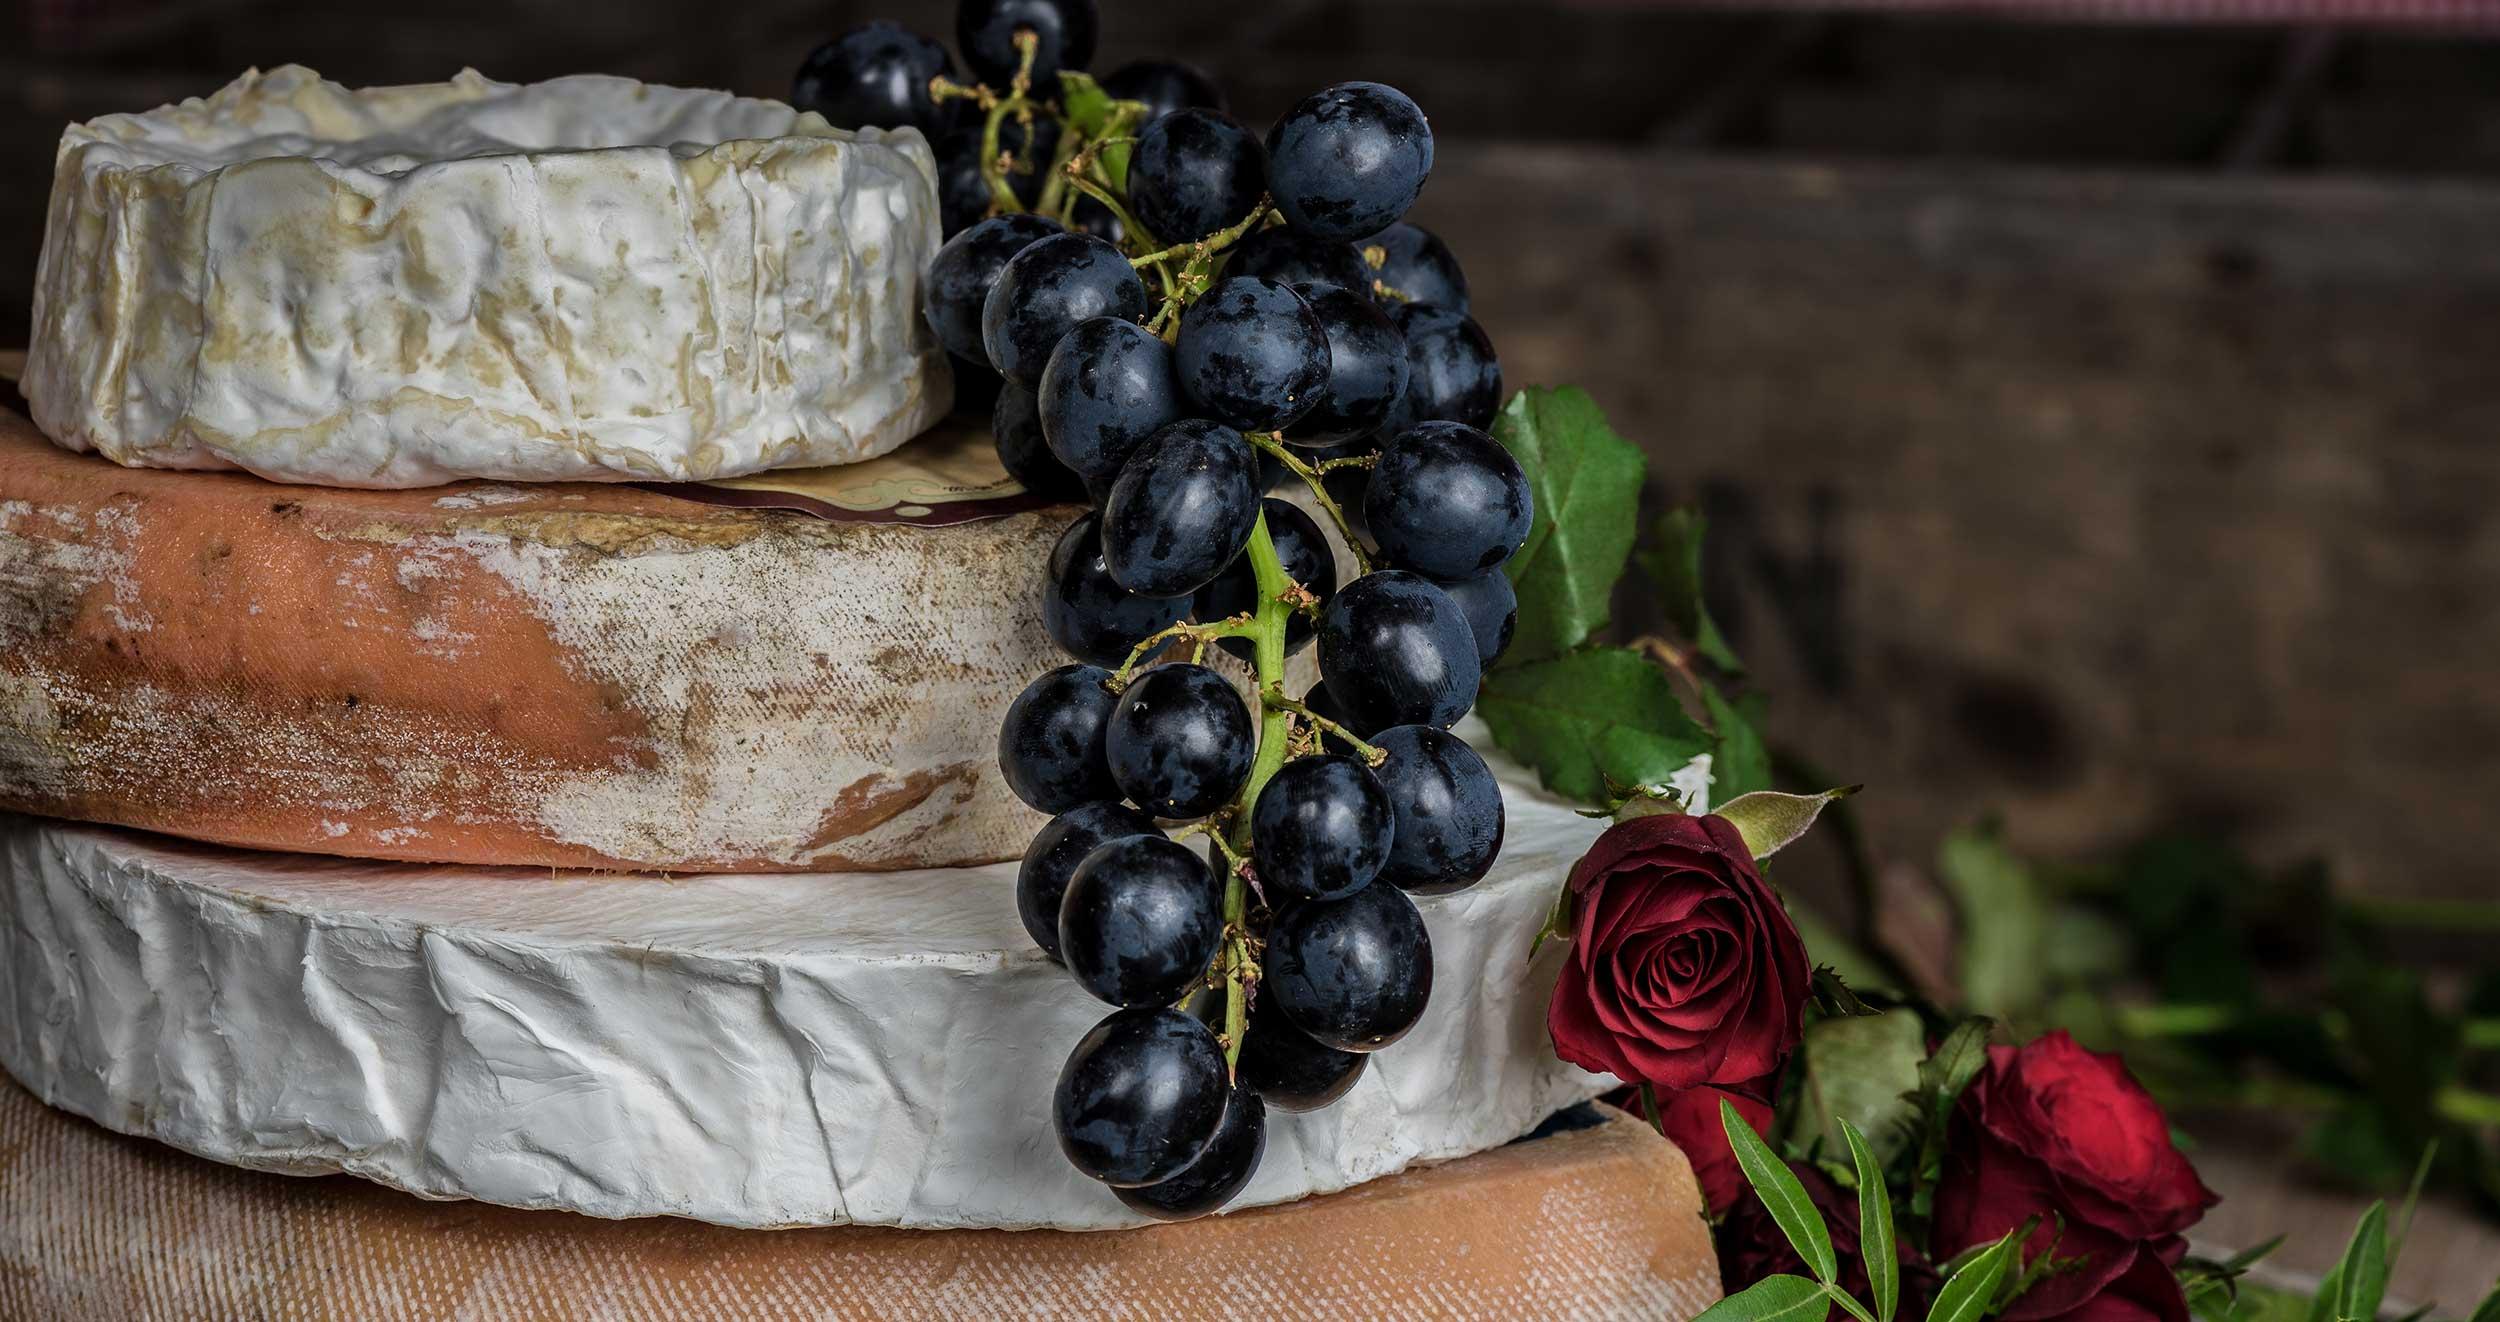 Spain-Cheese-Grapes.jpg